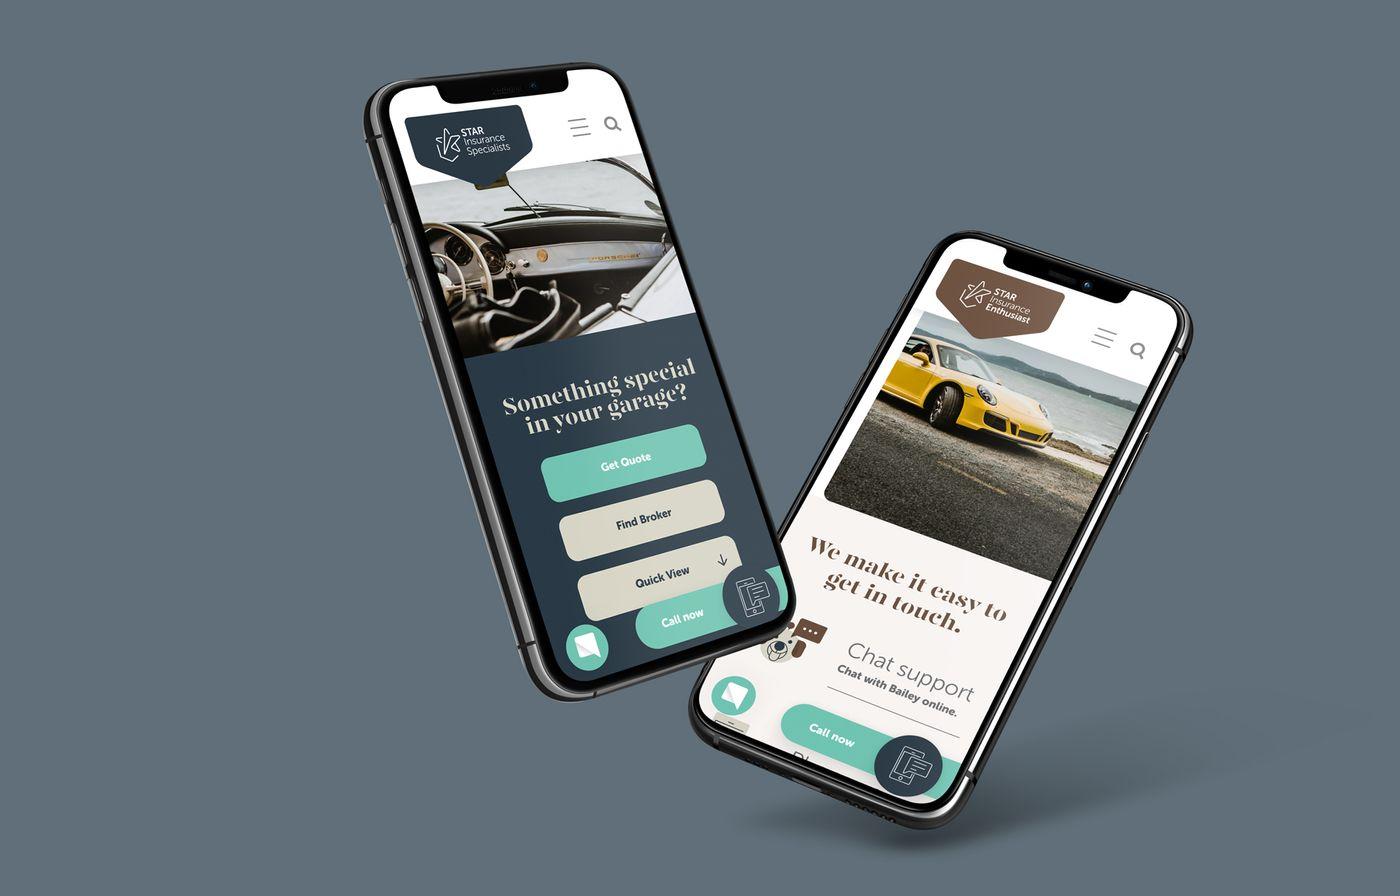 Star insurance website on mobile